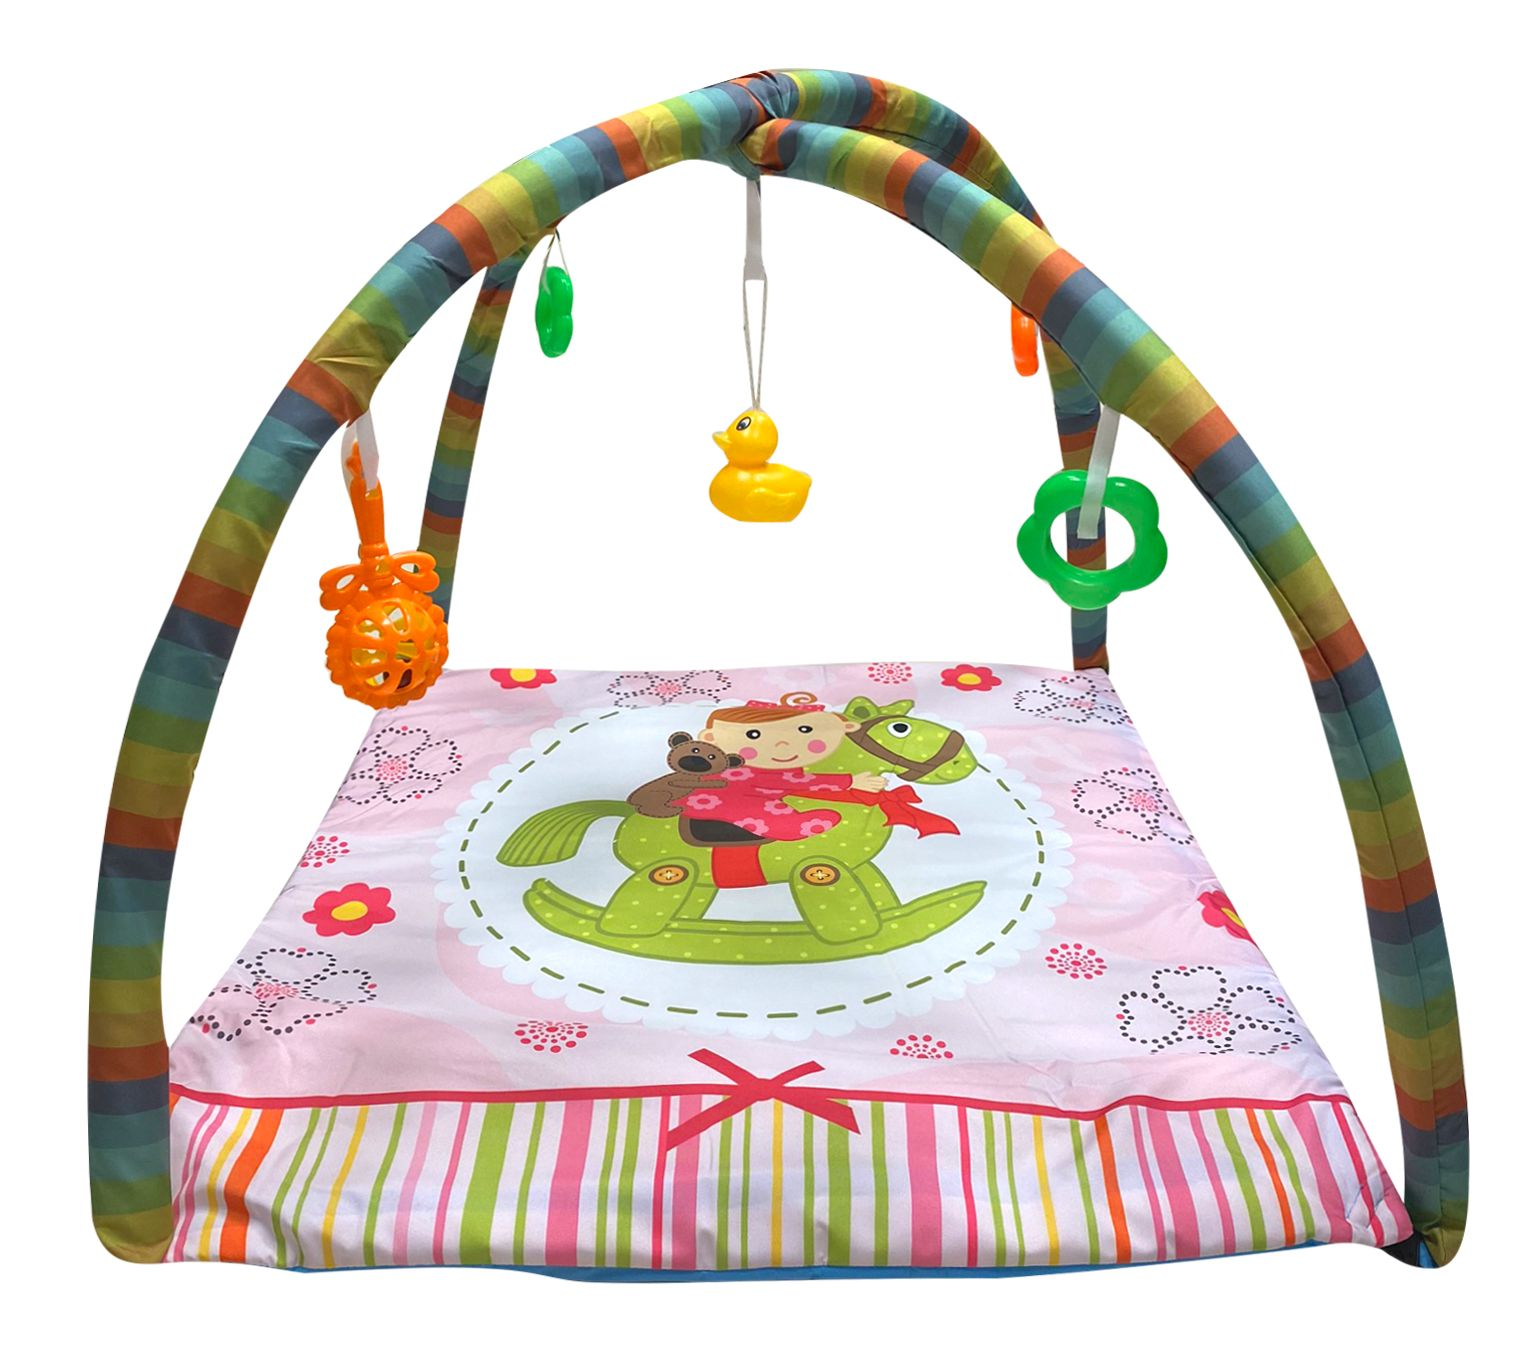 Aybaby Funny Oyuncaklı Bebek Oyun Halısı 80x70 Cm - Sallanan At